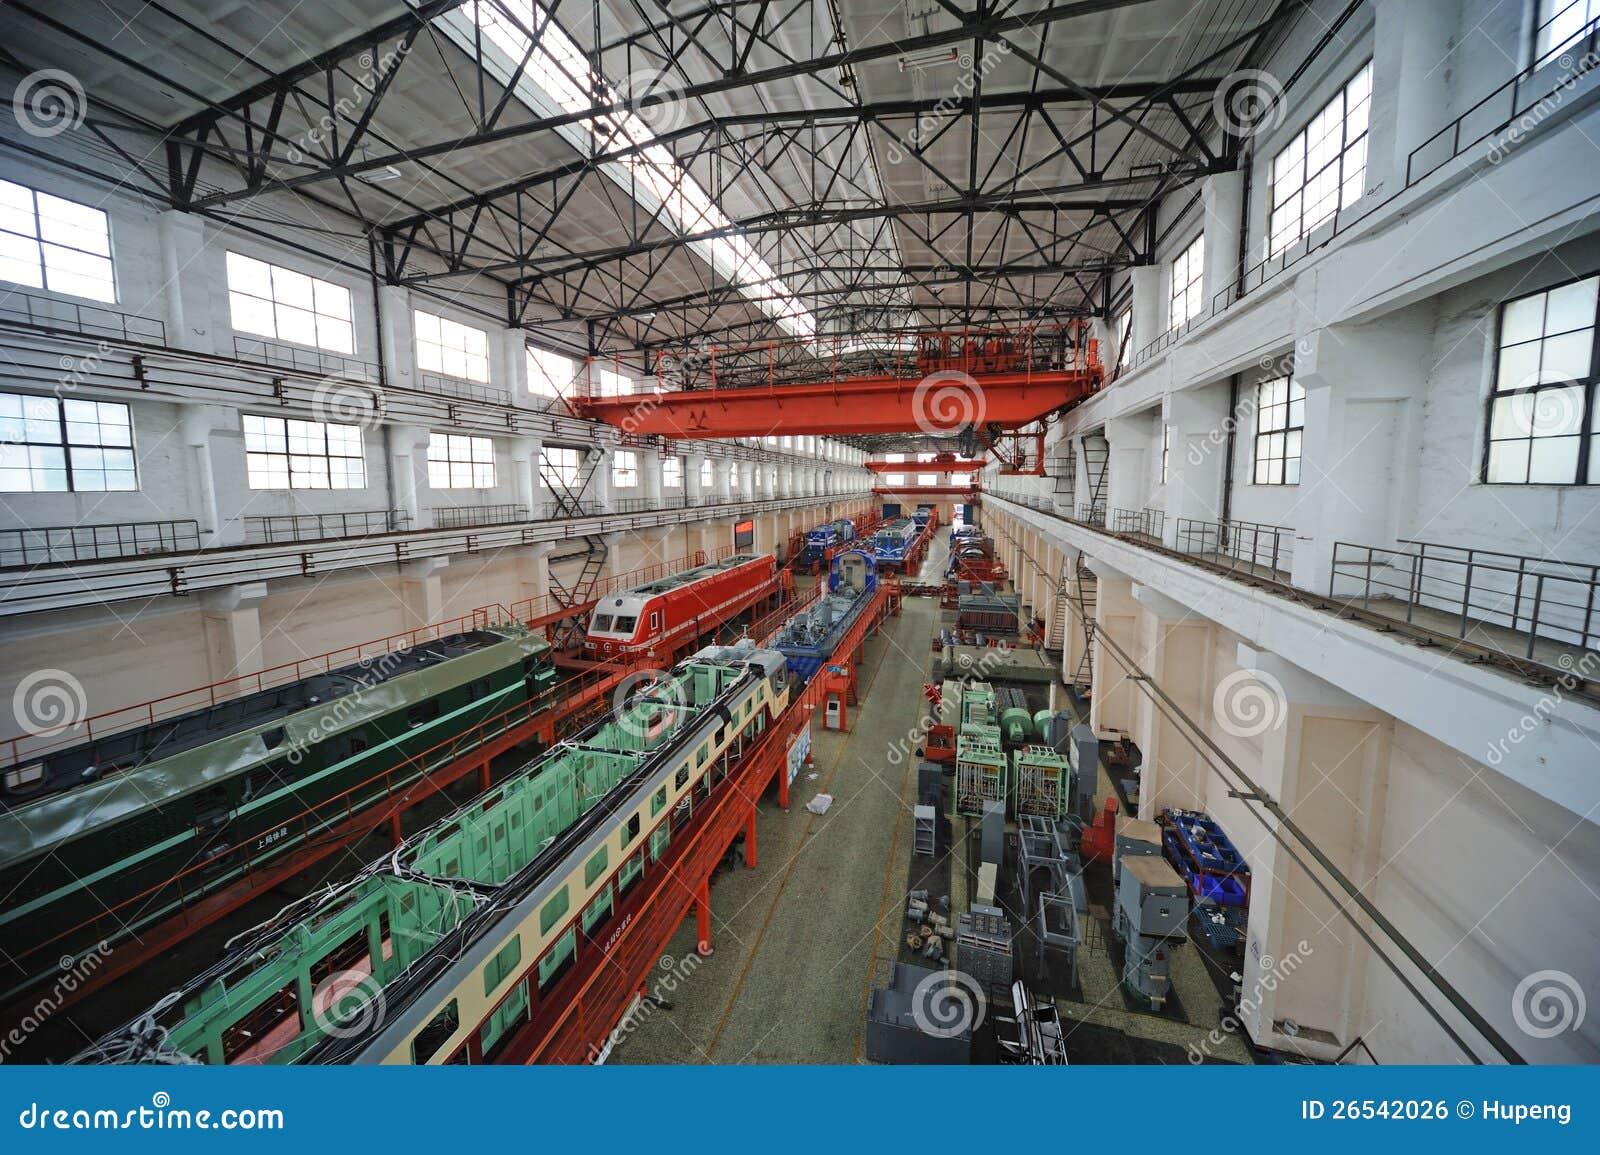 Train Repair Factory Editorial Photo Image 26542026